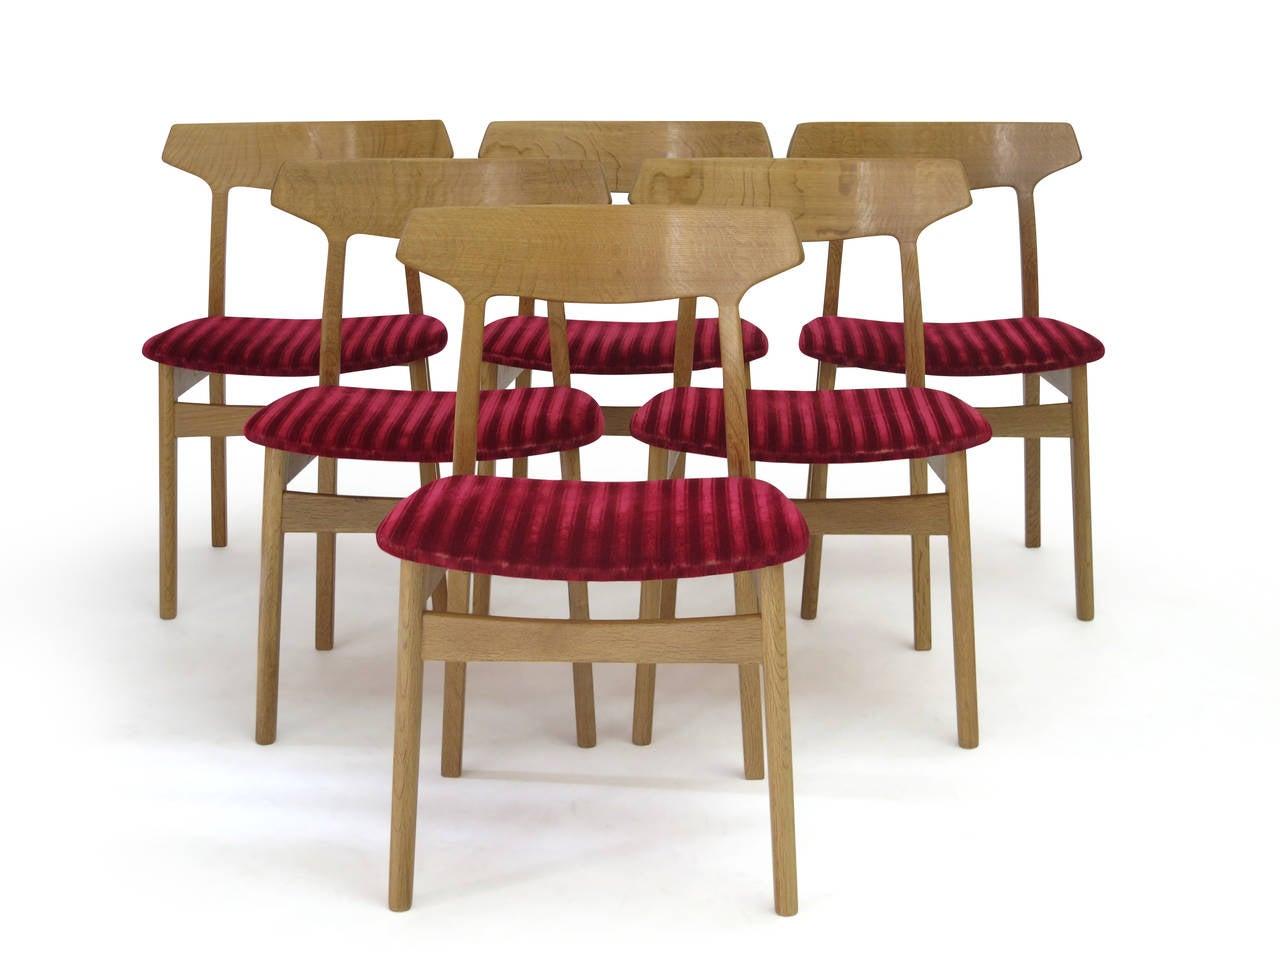 henning kjærnulf white oak danish dining chairs for sale at stdibs - henning kjærnulf white oak danish dining chairs